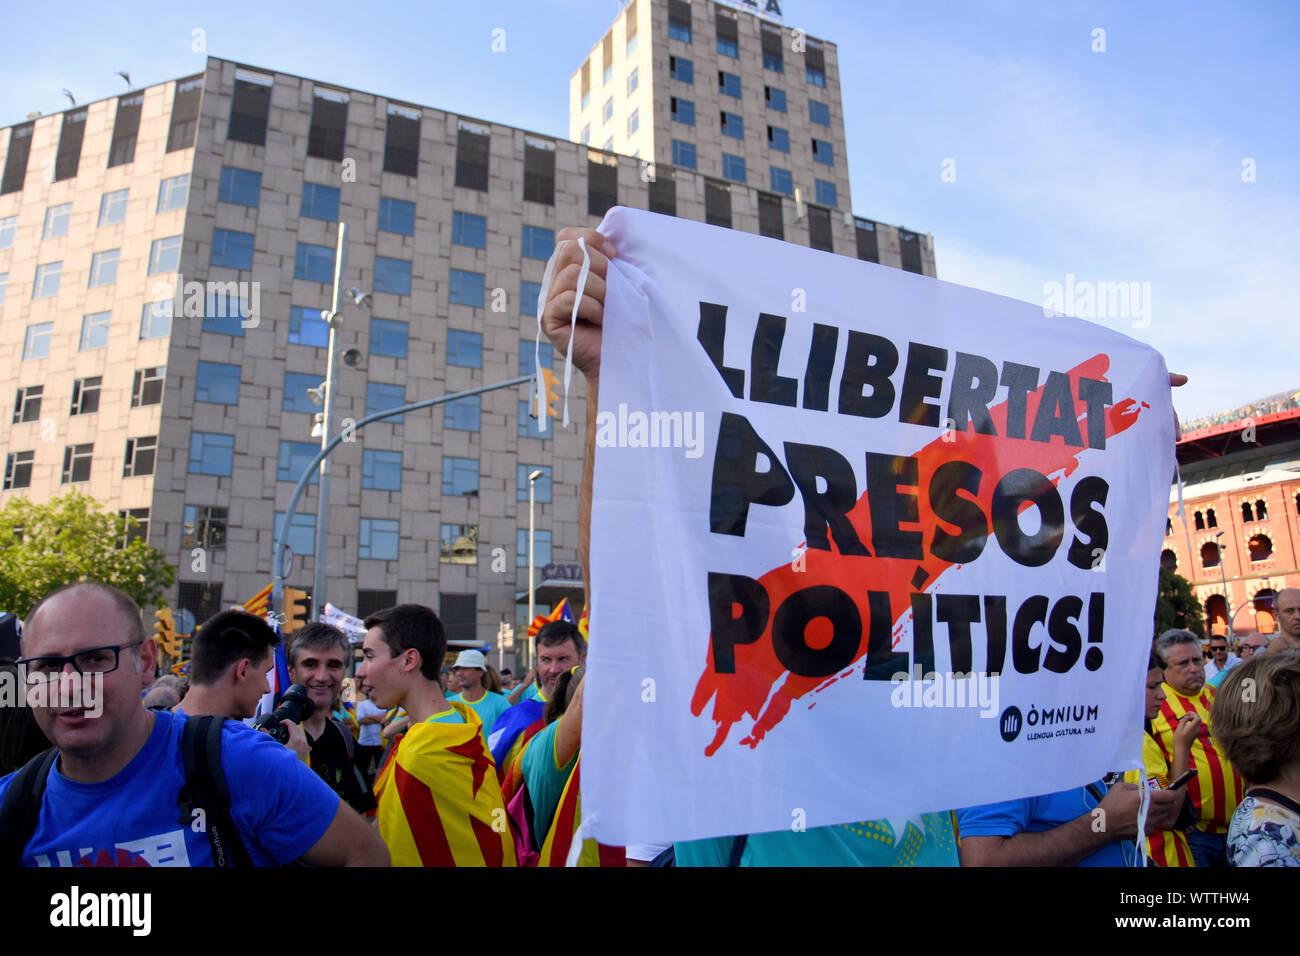 Barcelona, Spanien. 11 Sep, 2019. Eine Demonstrantin hält ein Transparent mit dem Slogan Freiheit für politische Gefangene während der Demonstration. Nach Angaben der Polizei rund 600.000 Menschen auf den Straßen von Barcelona während einer Demonstration Kataloniens nationalen Tag zu kennzeichnen. Credit: SOPA Images Limited/Alamy leben Nachrichten Stockfoto